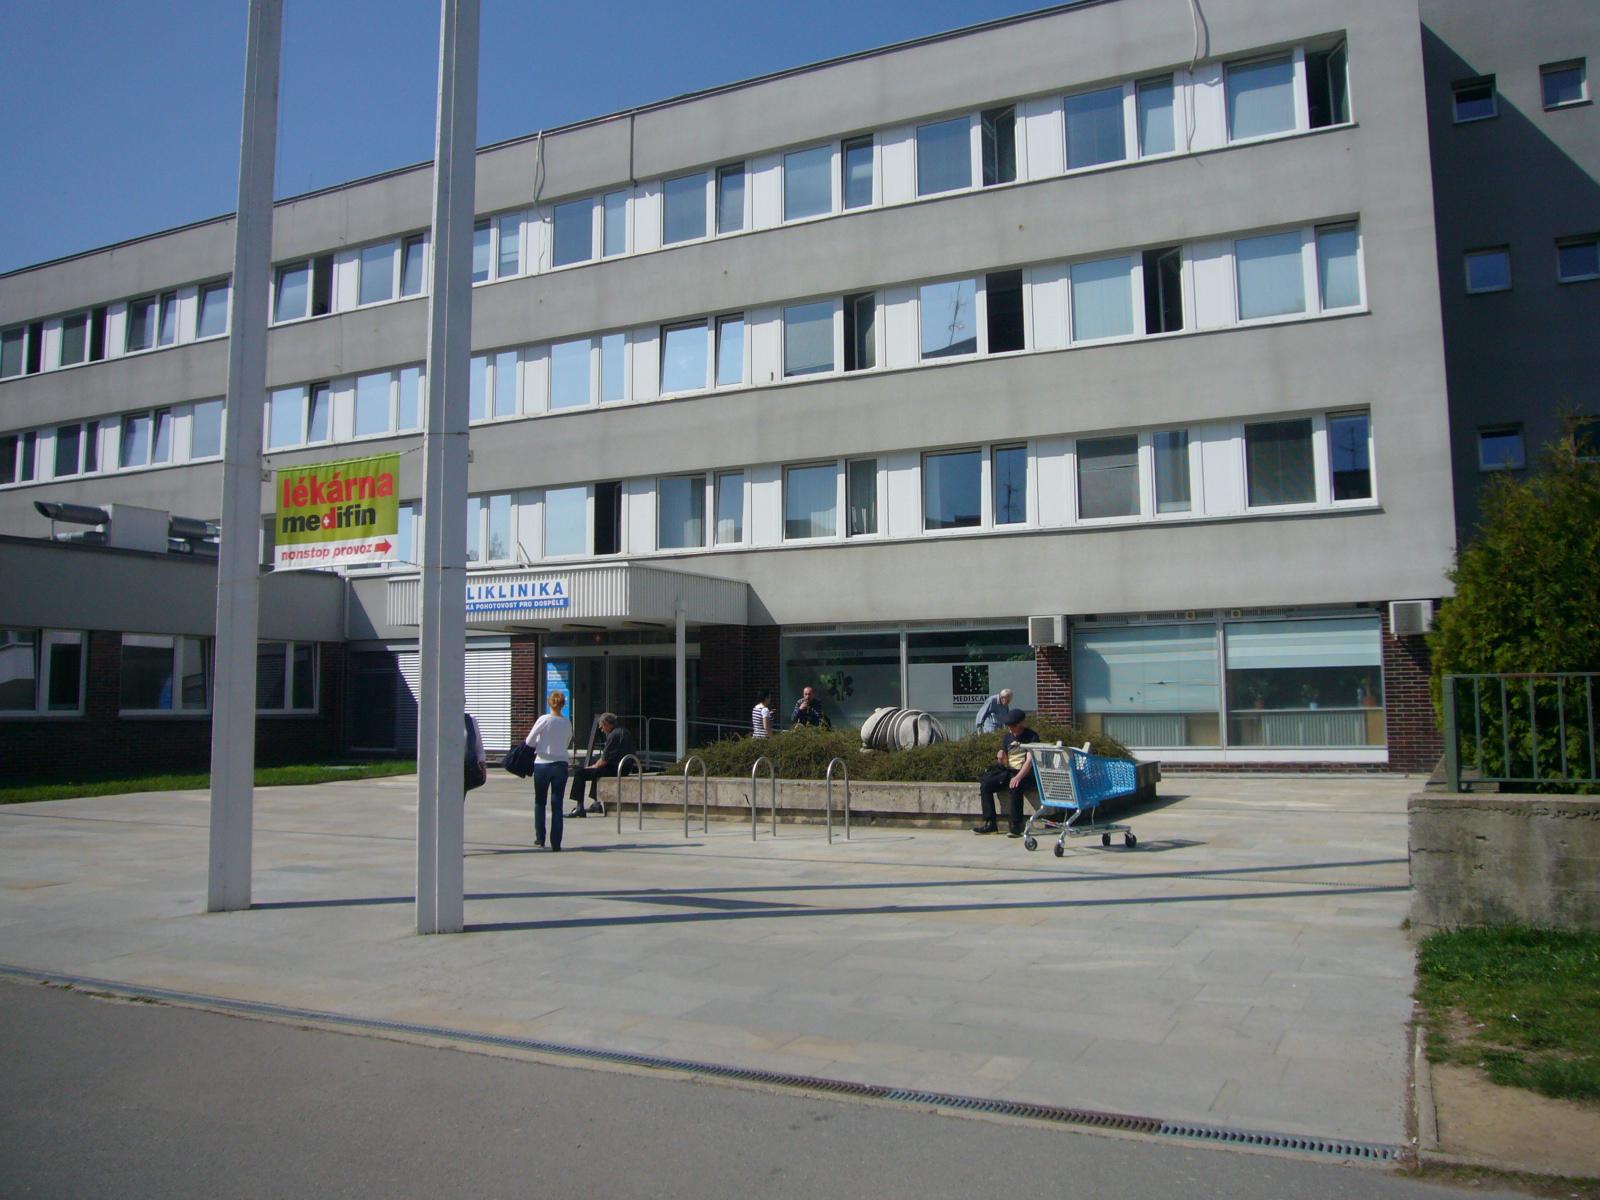 I 03 Poliklinika Šustova, obrázek se otevře v novém okně